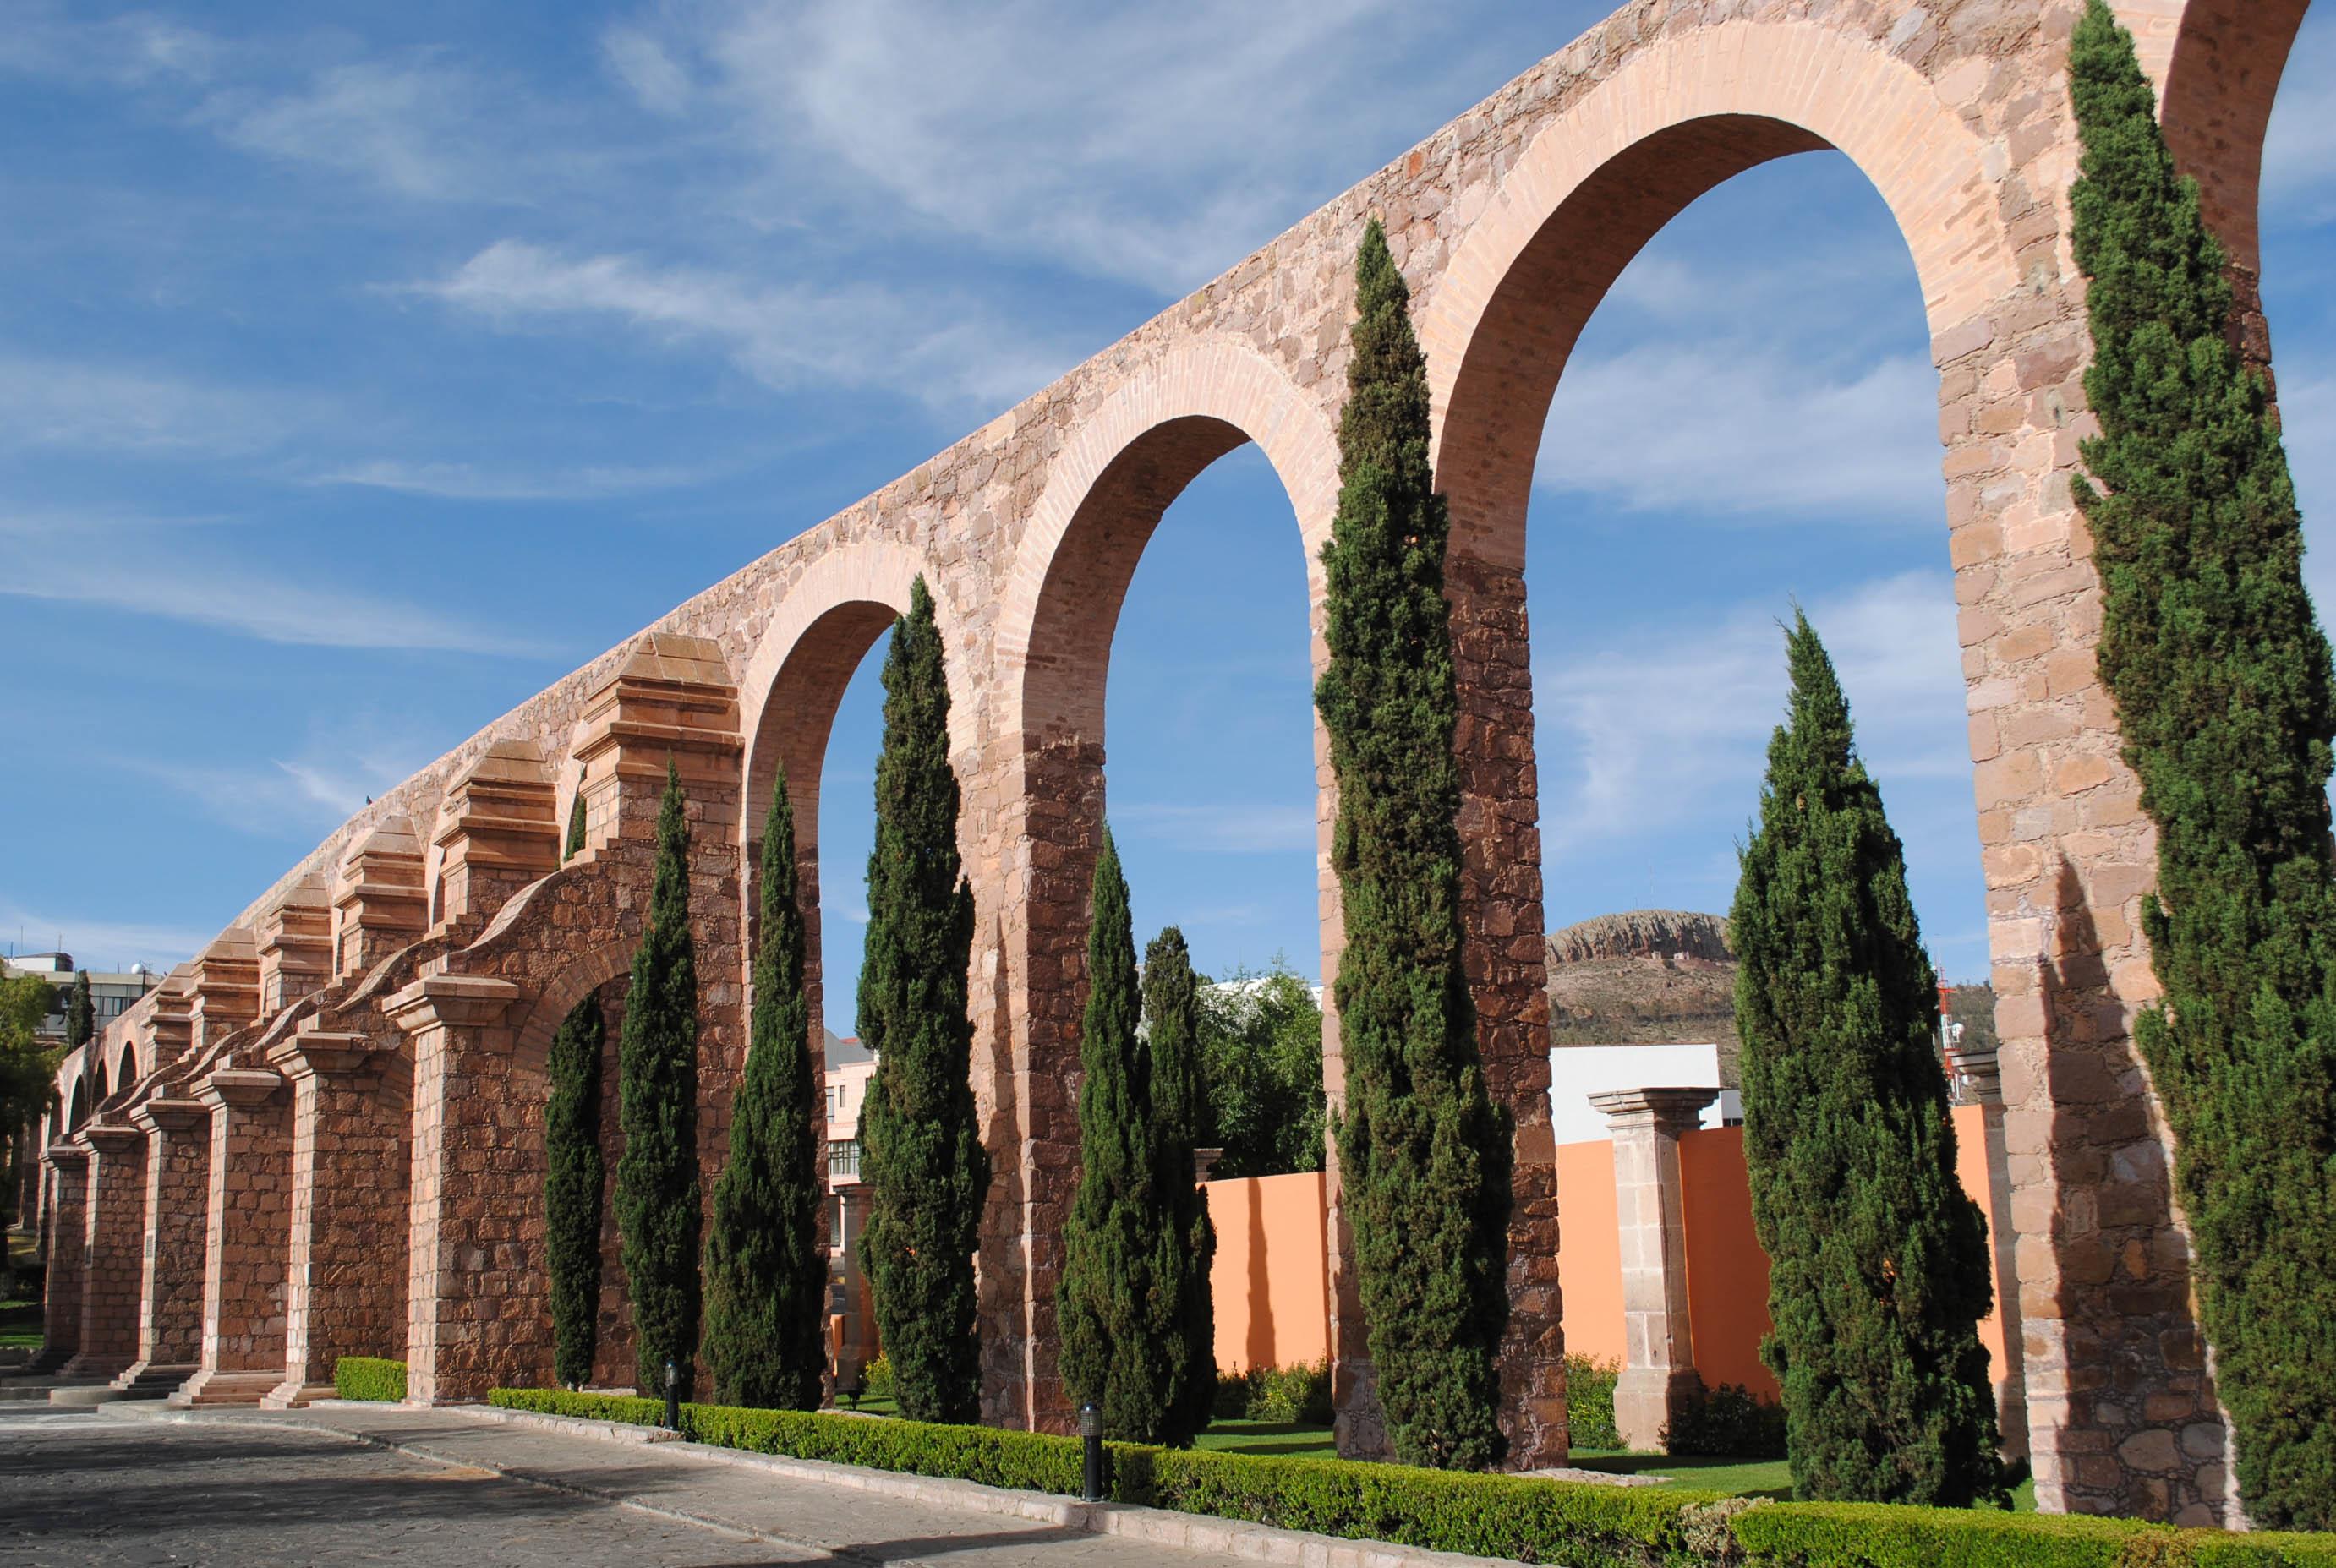 Vista del acueducto de Zacatecas